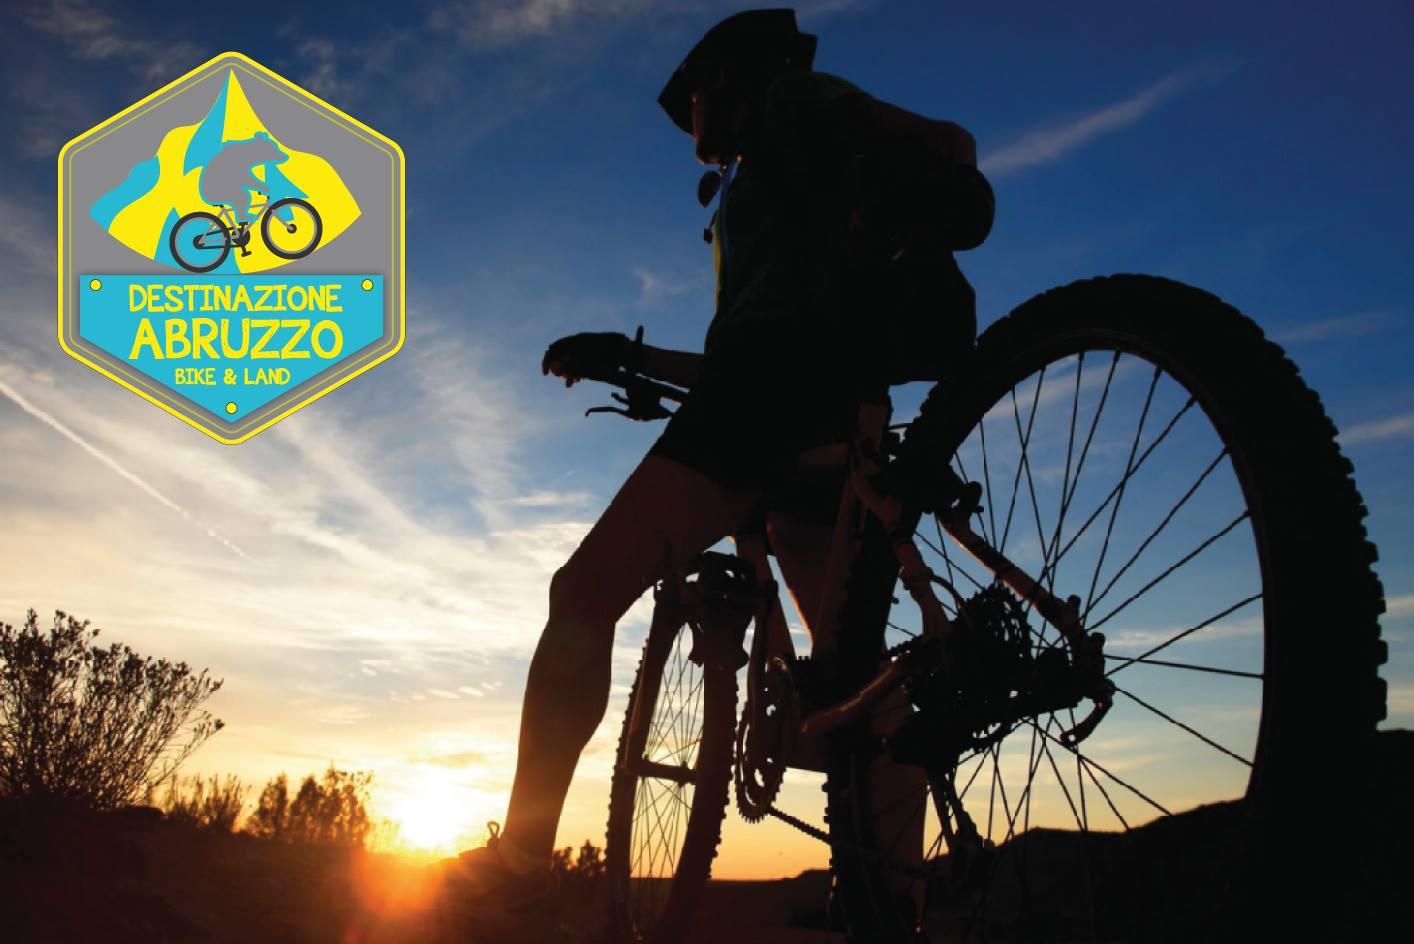 destinazione abruzzo valle delle abbazie mountain bike 2